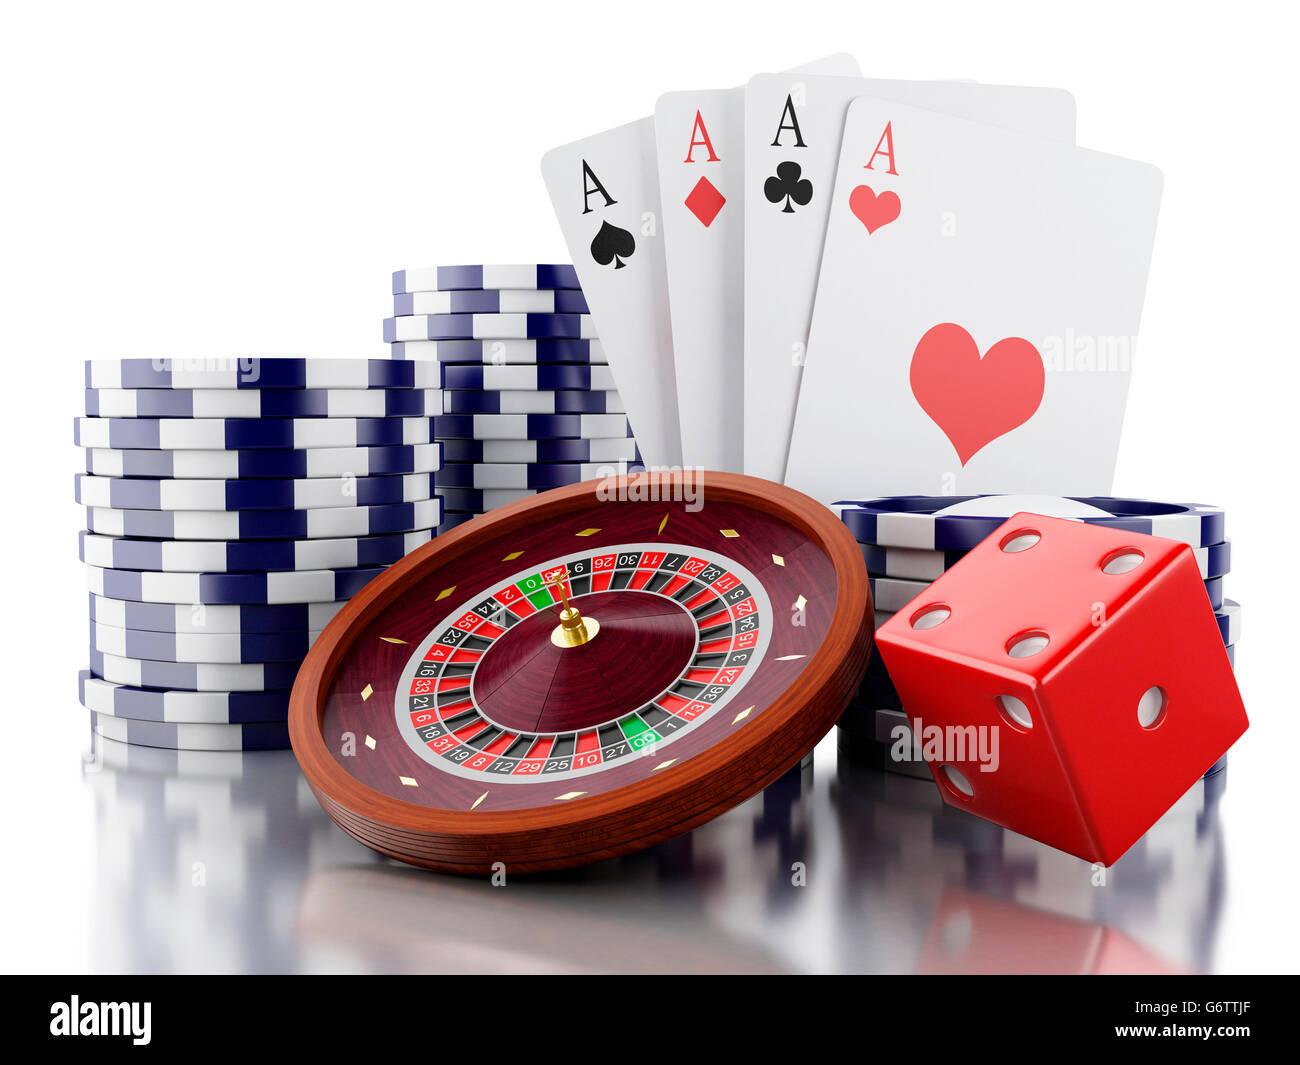 best slots to play at meskwaki casino